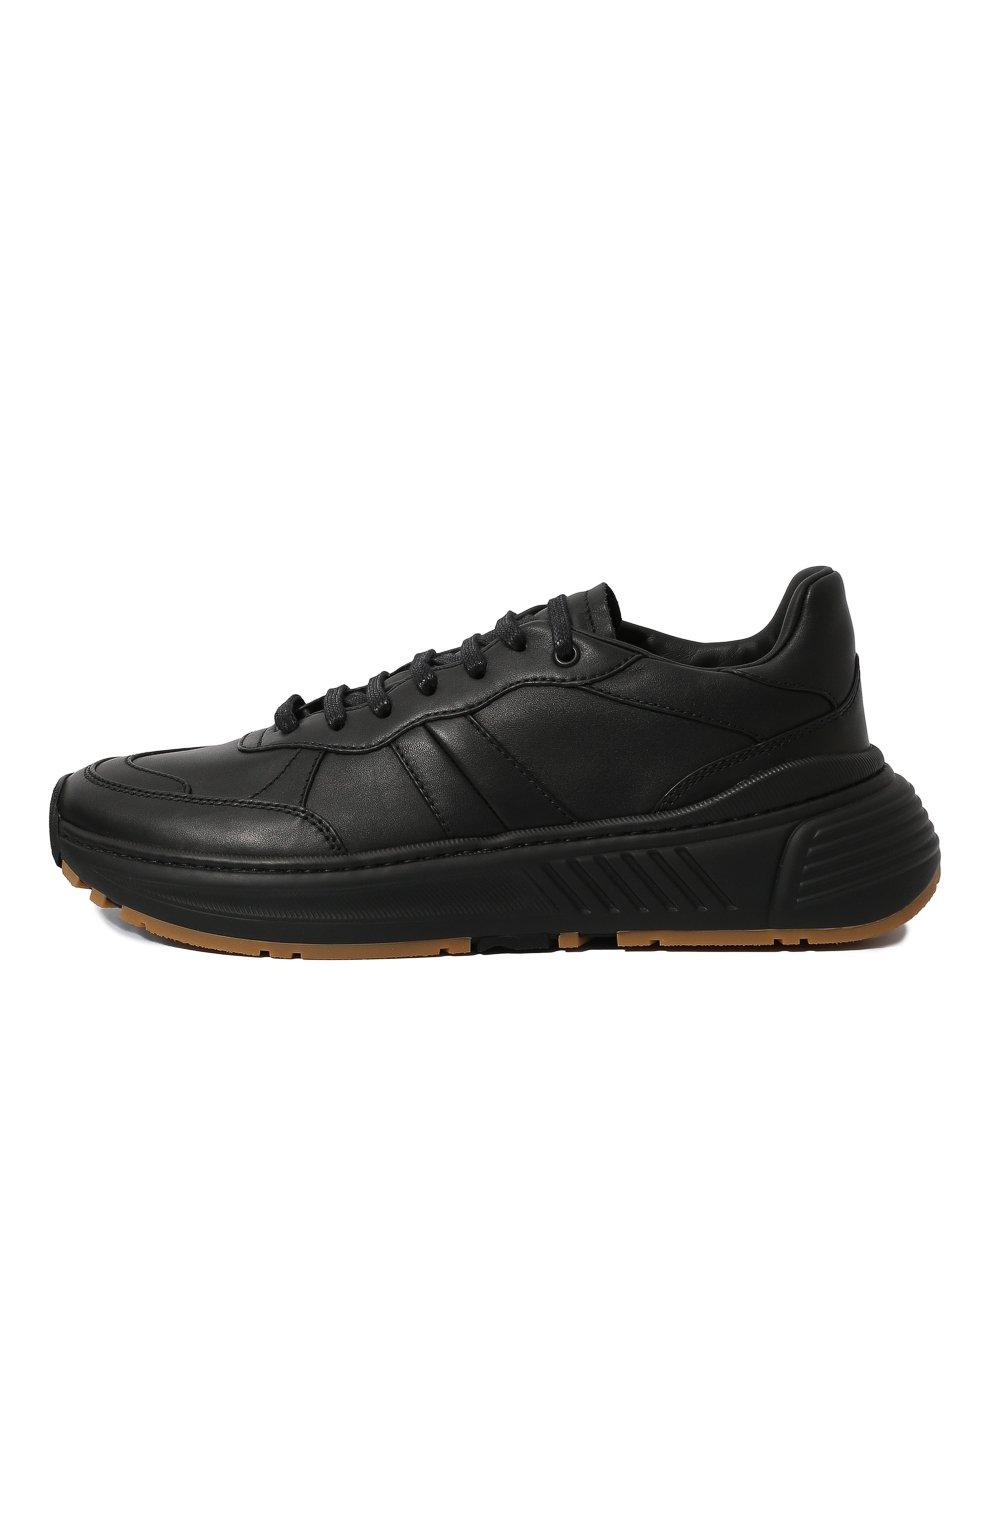 Мужские кожаные кроссовки BOTTEGA VENETA черного цвета, арт. 565646/VT040 | Фото 4 (Материал внутренний: Натуральная кожа; Стили: Классический; Подошва: Массивная)